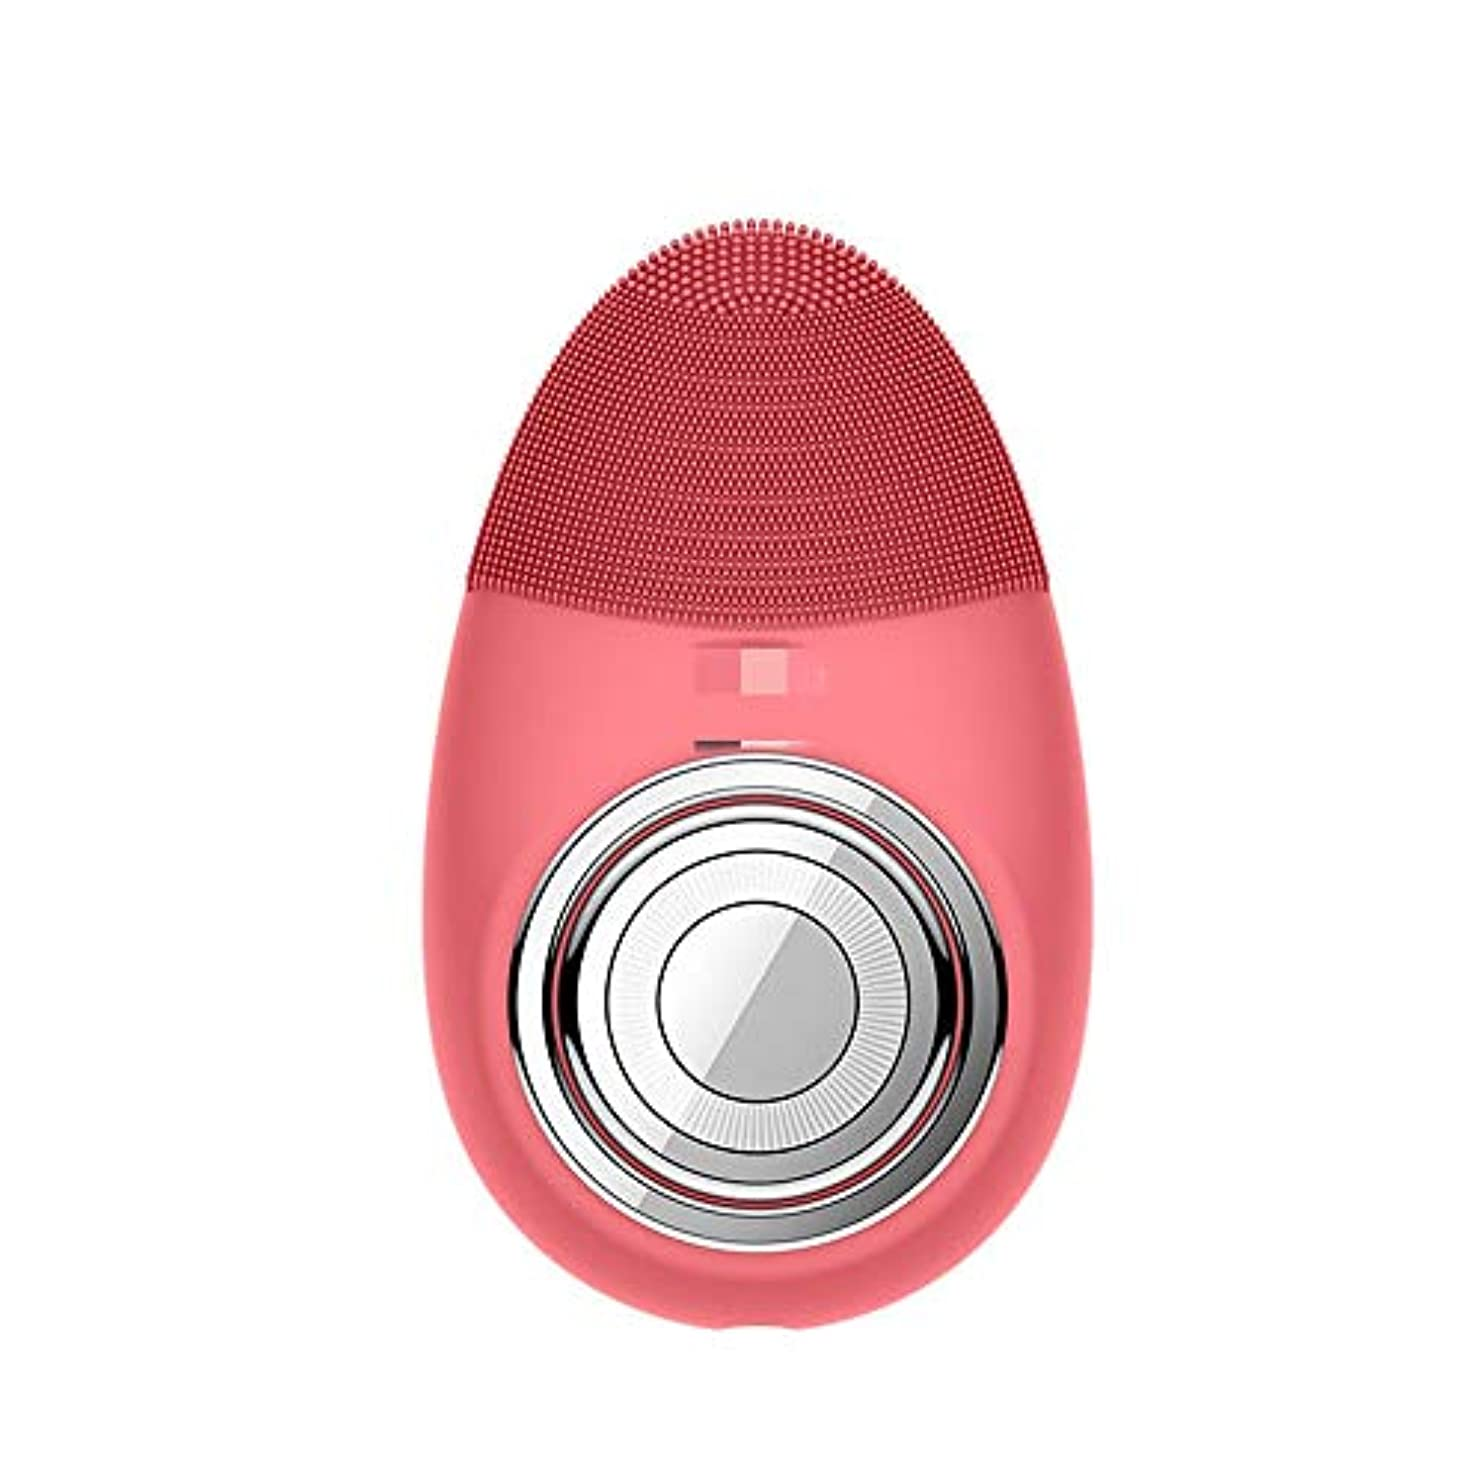 ダイエットプラカード反映するChaopeng 多機能電気恒温シリコーンクレンジング楽器赤灯肌清潔毛穴クリーナー輸入機器美容機器 (Color : Red)